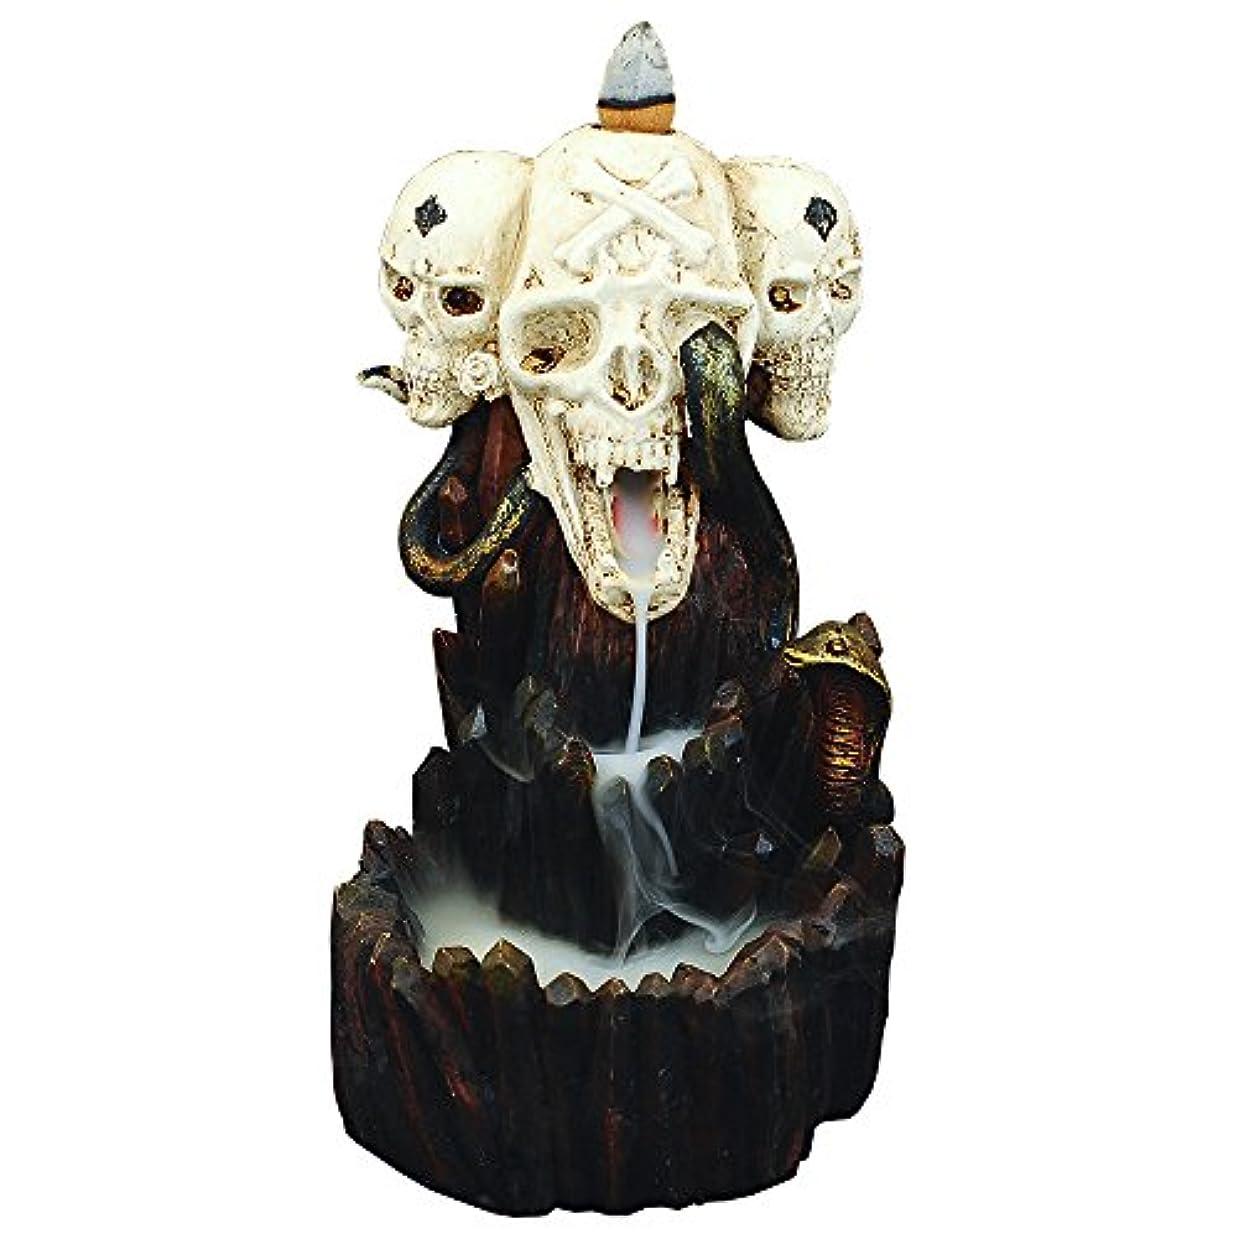 払い戻しベアリング武装解除zingyou Skull Backflow Incense Burner、樹脂Incense Holder with Incense Cones – ハロウィーンゴーストヘッド、スカル M ブラック 14200705